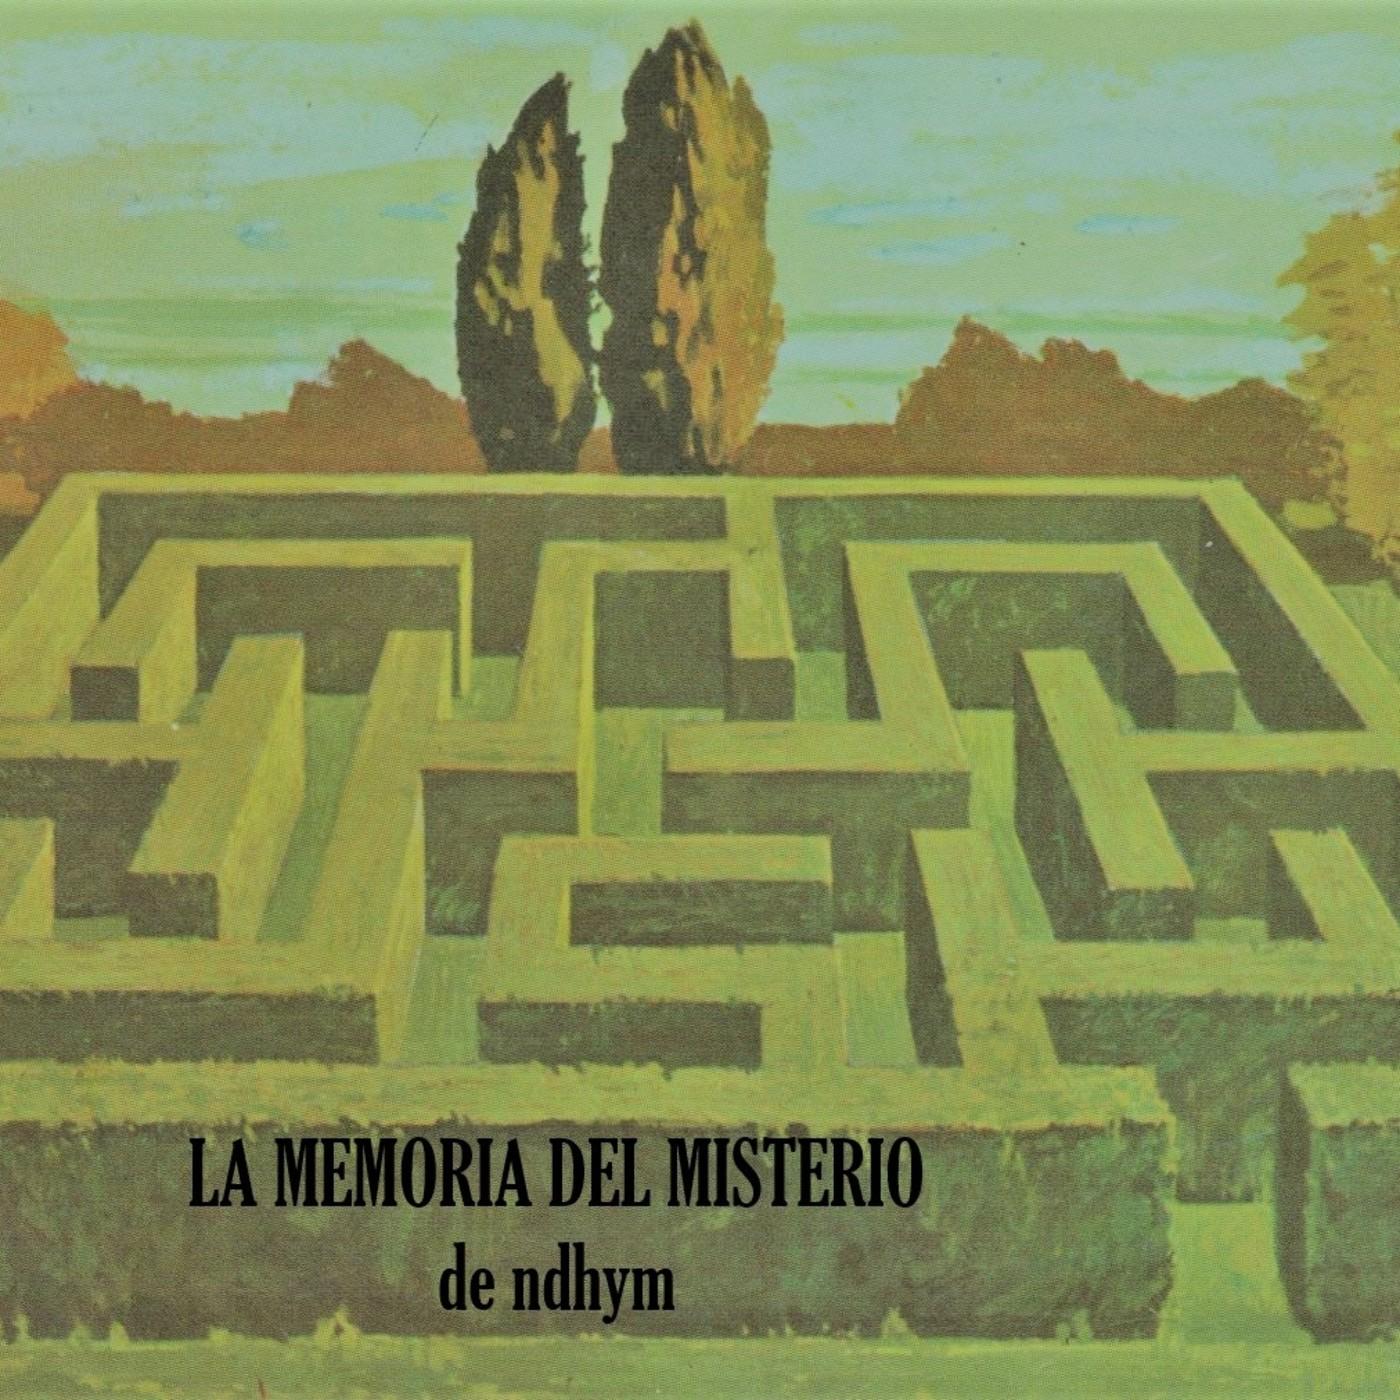 La Memoria del Misterio de ndhym. Archivo Desapariciones